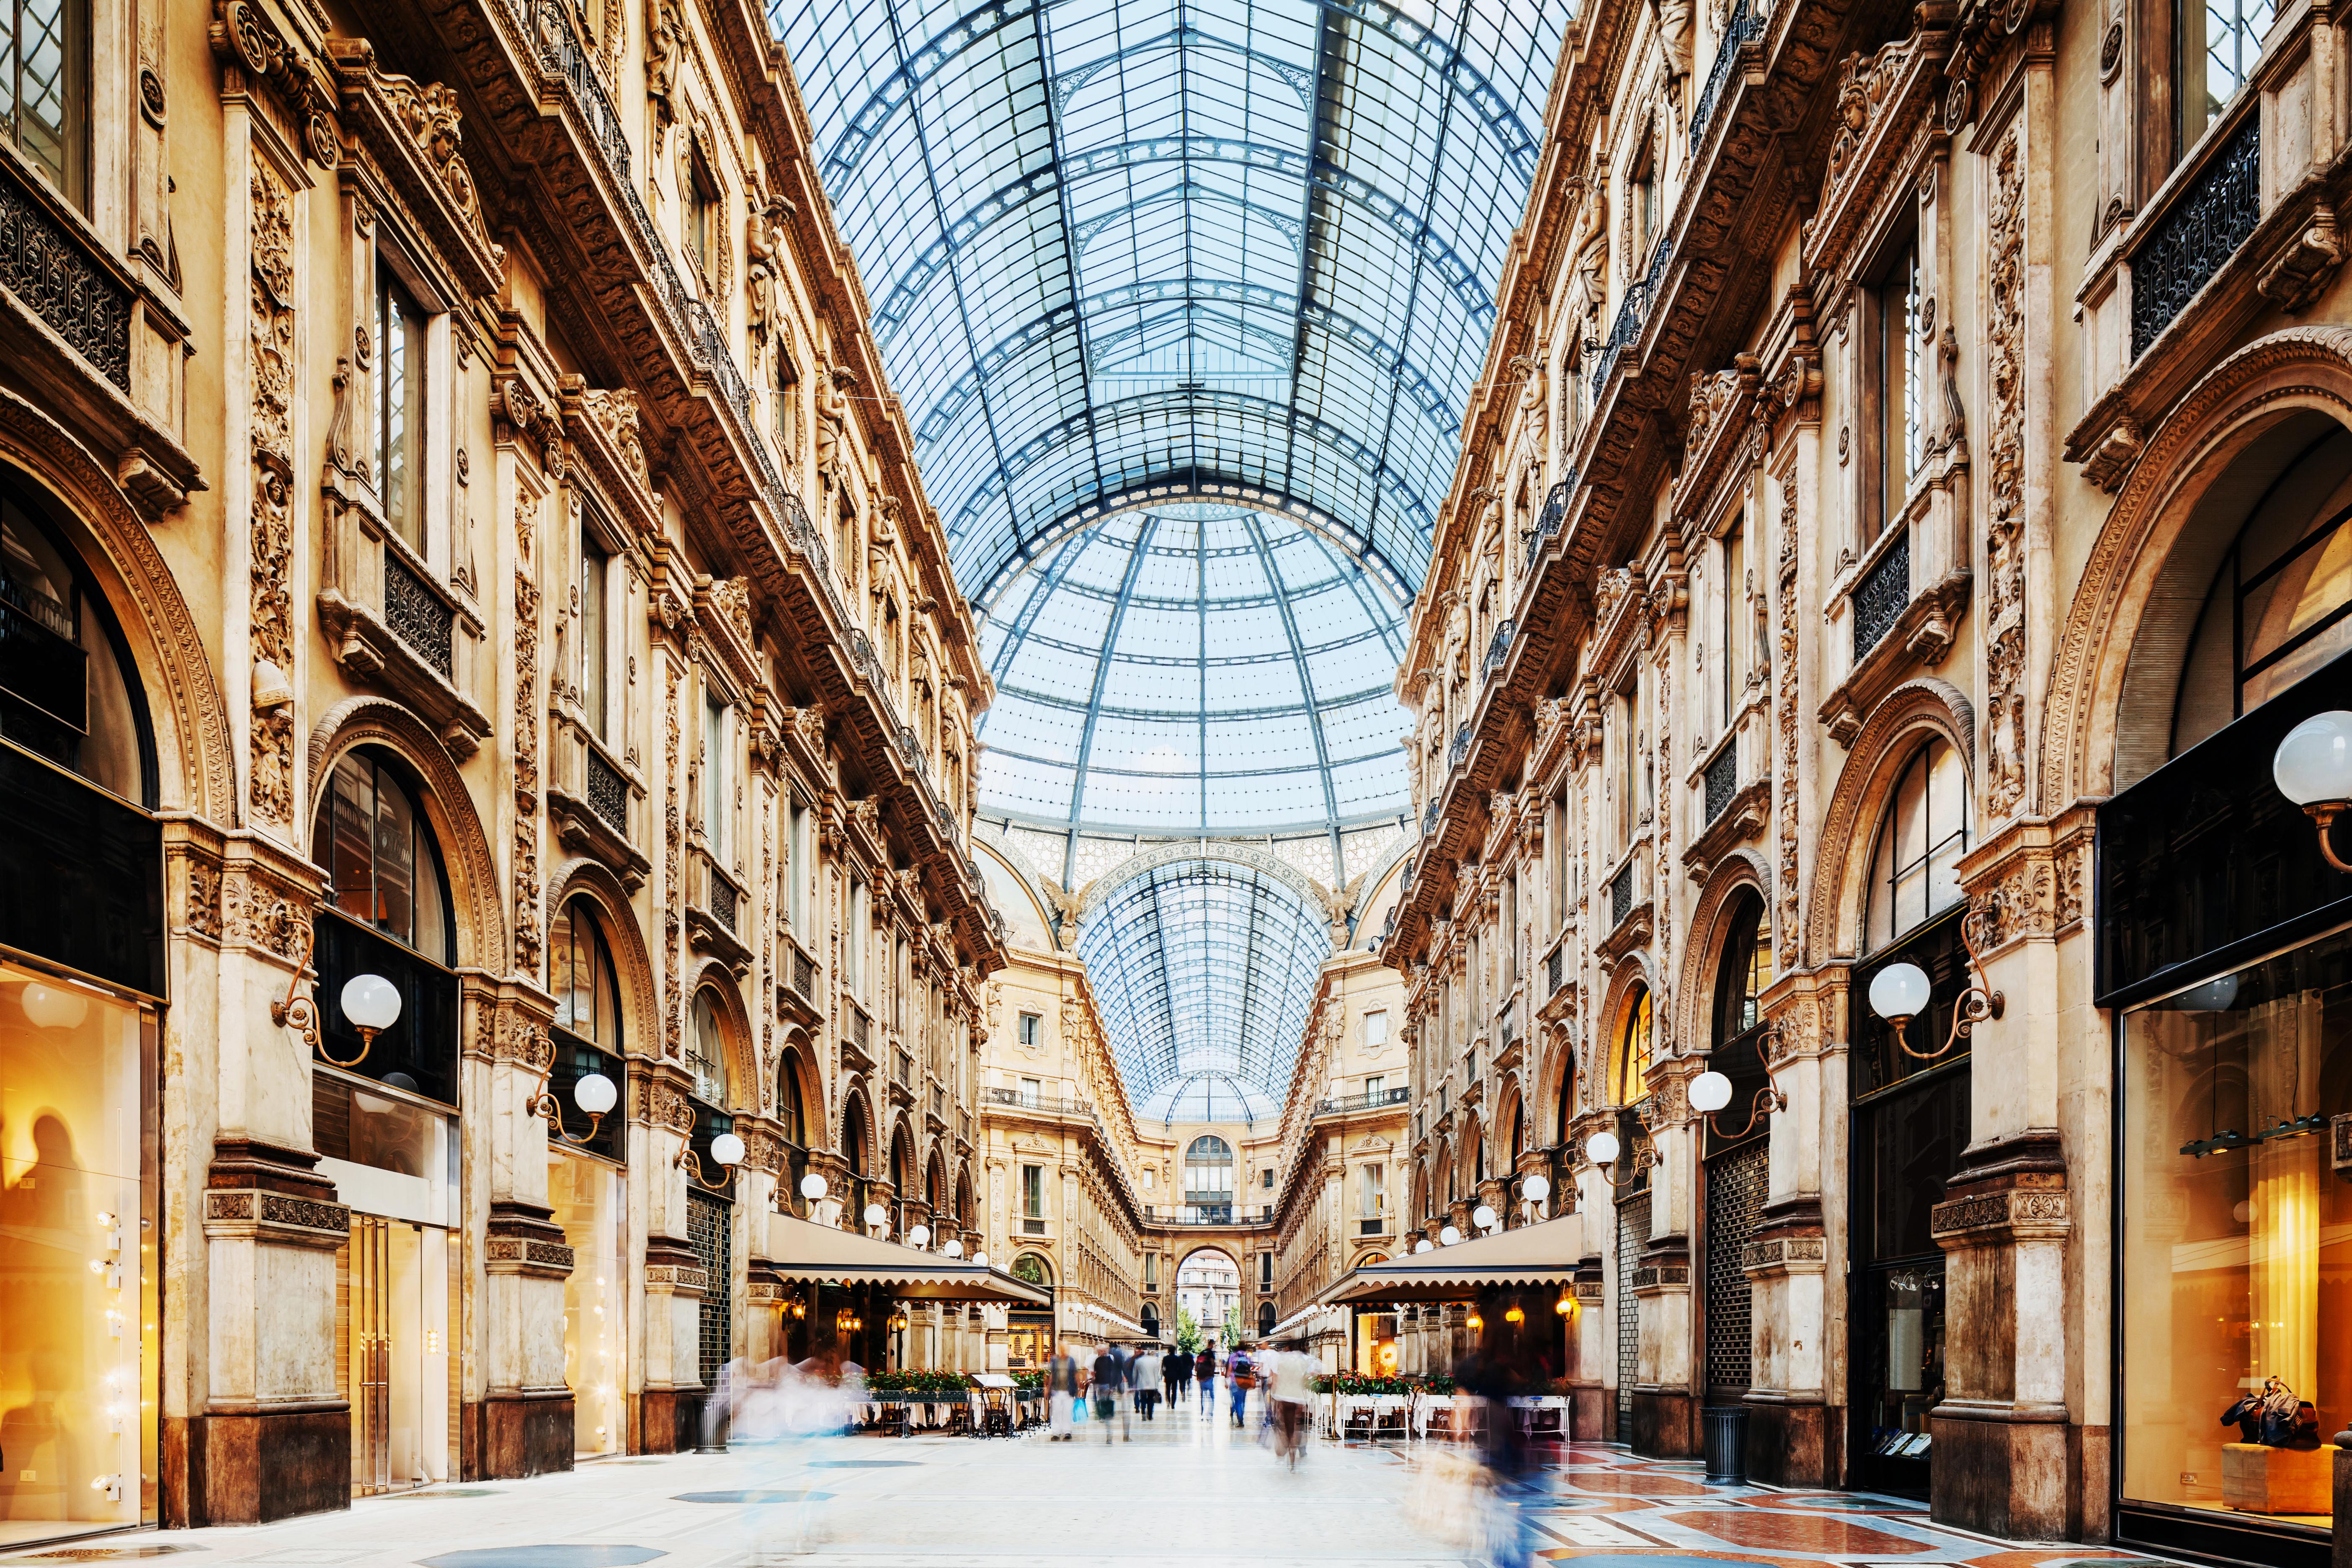 Milán imprescindible: el Duomo y Galerías Vittorio Emanuele - Italia Circuito Lo mejor de la Toscana